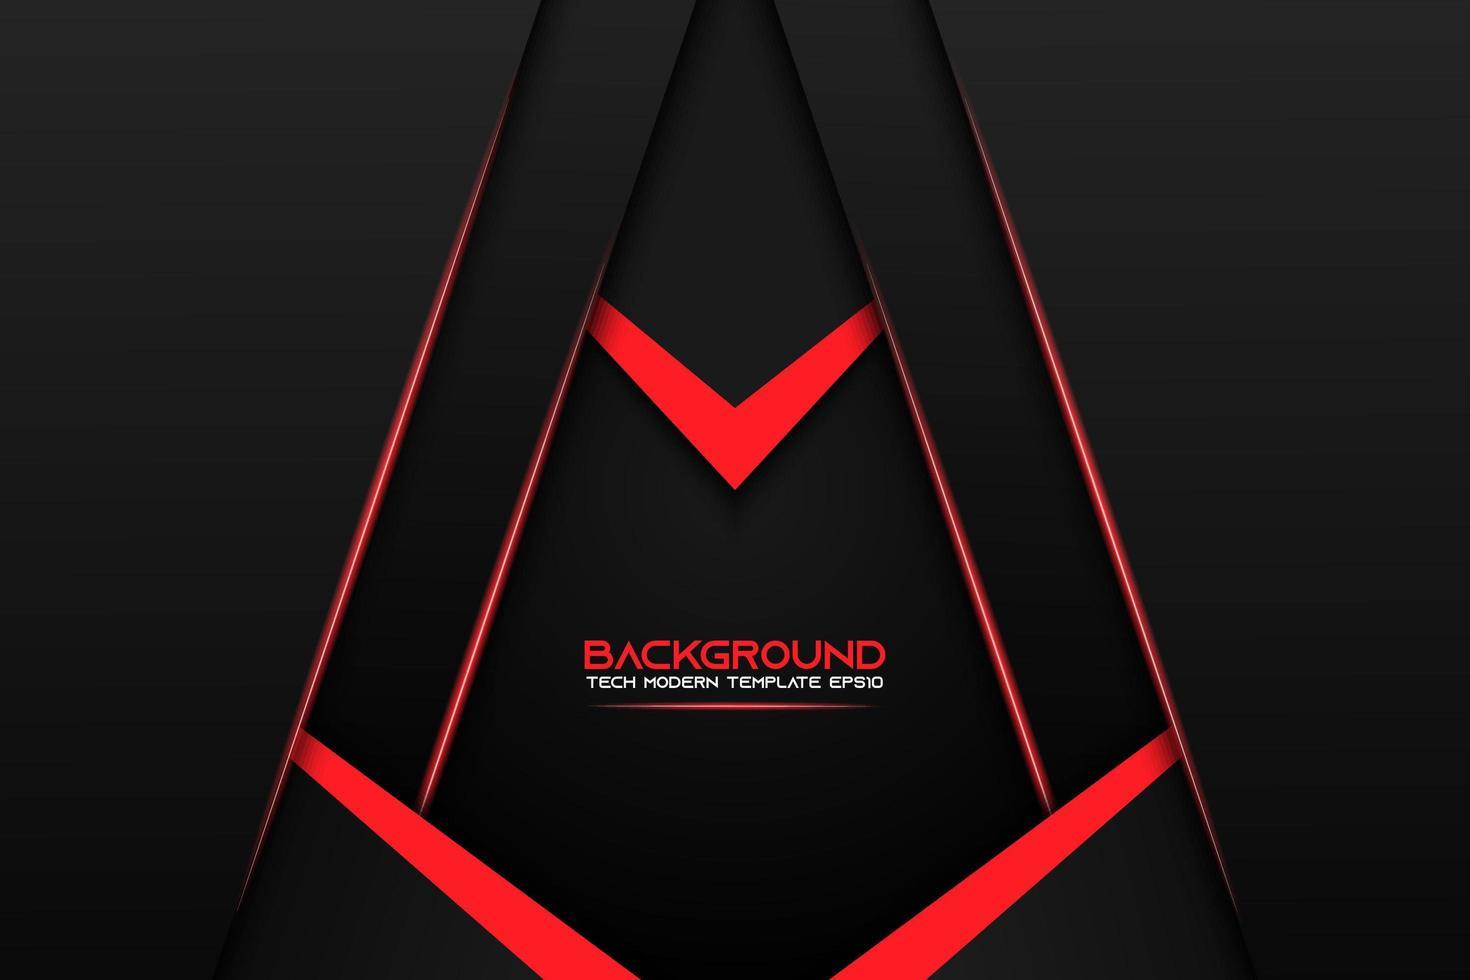 schwarzer geschichteter Winkelhintergrund mit roten Details vektor